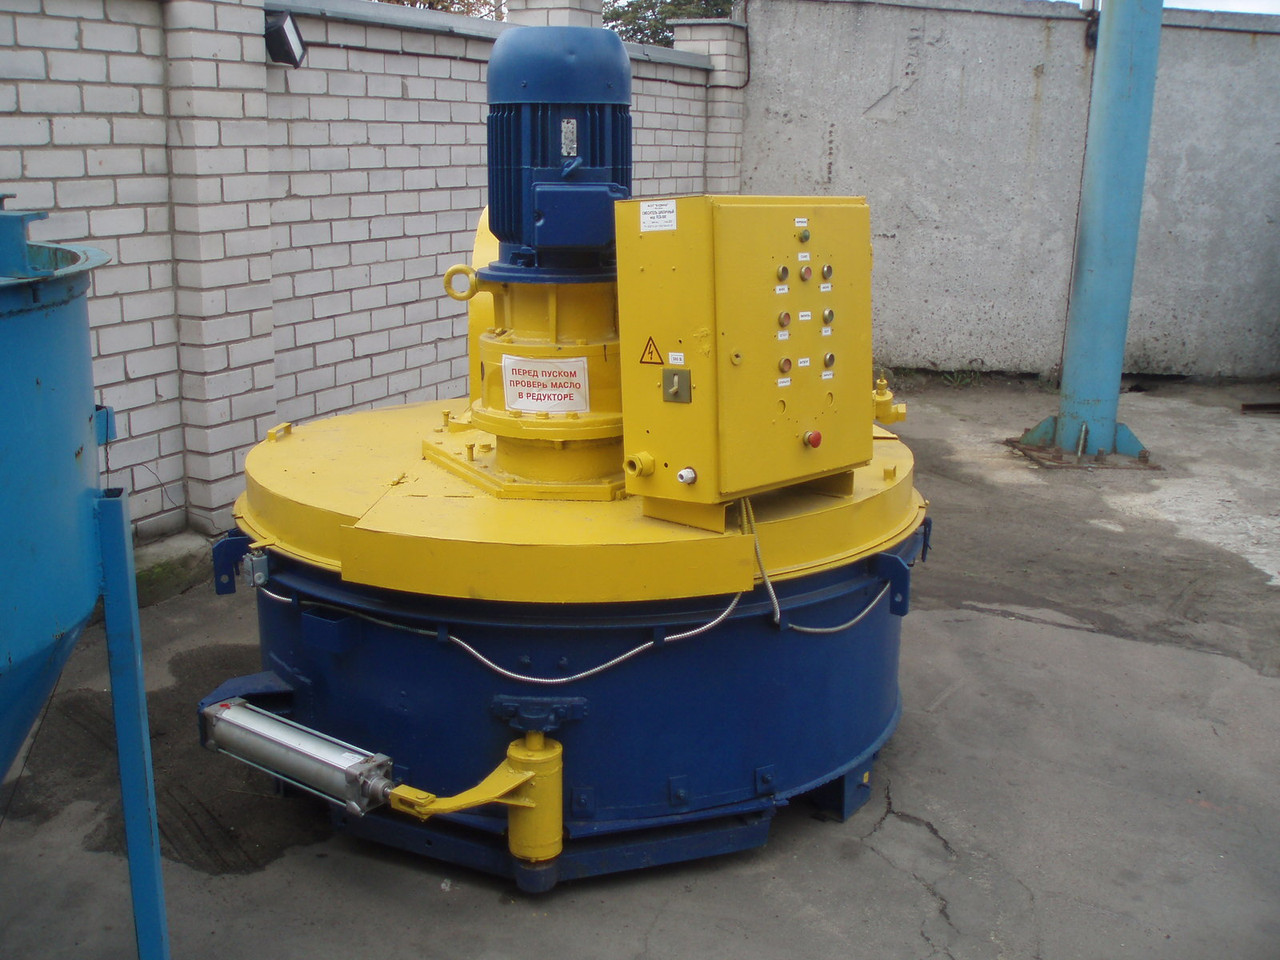 Бетоносмеситель ПСБ-500  со скипом